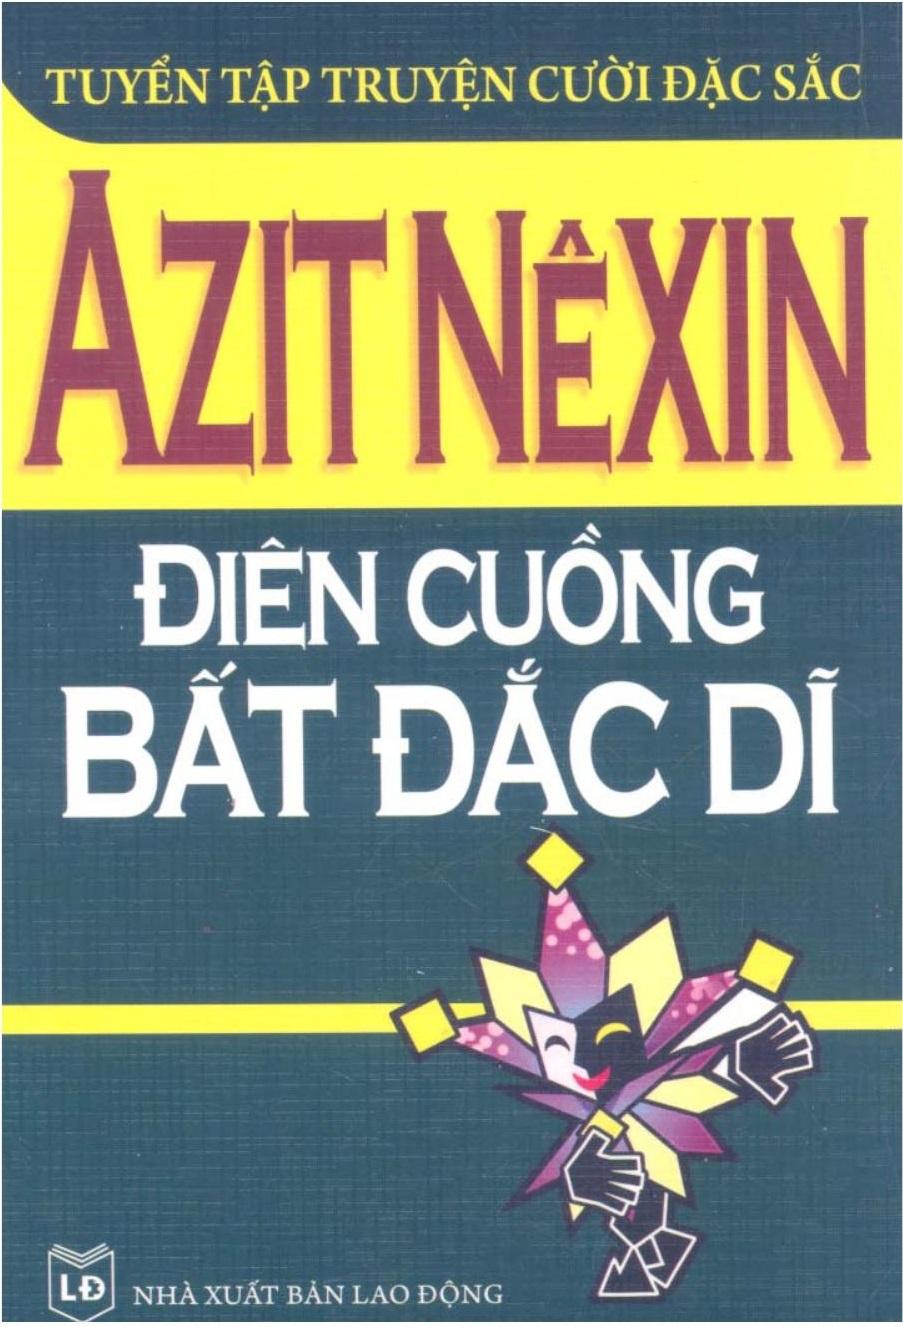 Điên Cuồng Bất Đắc Dĩ - Azit Nexin